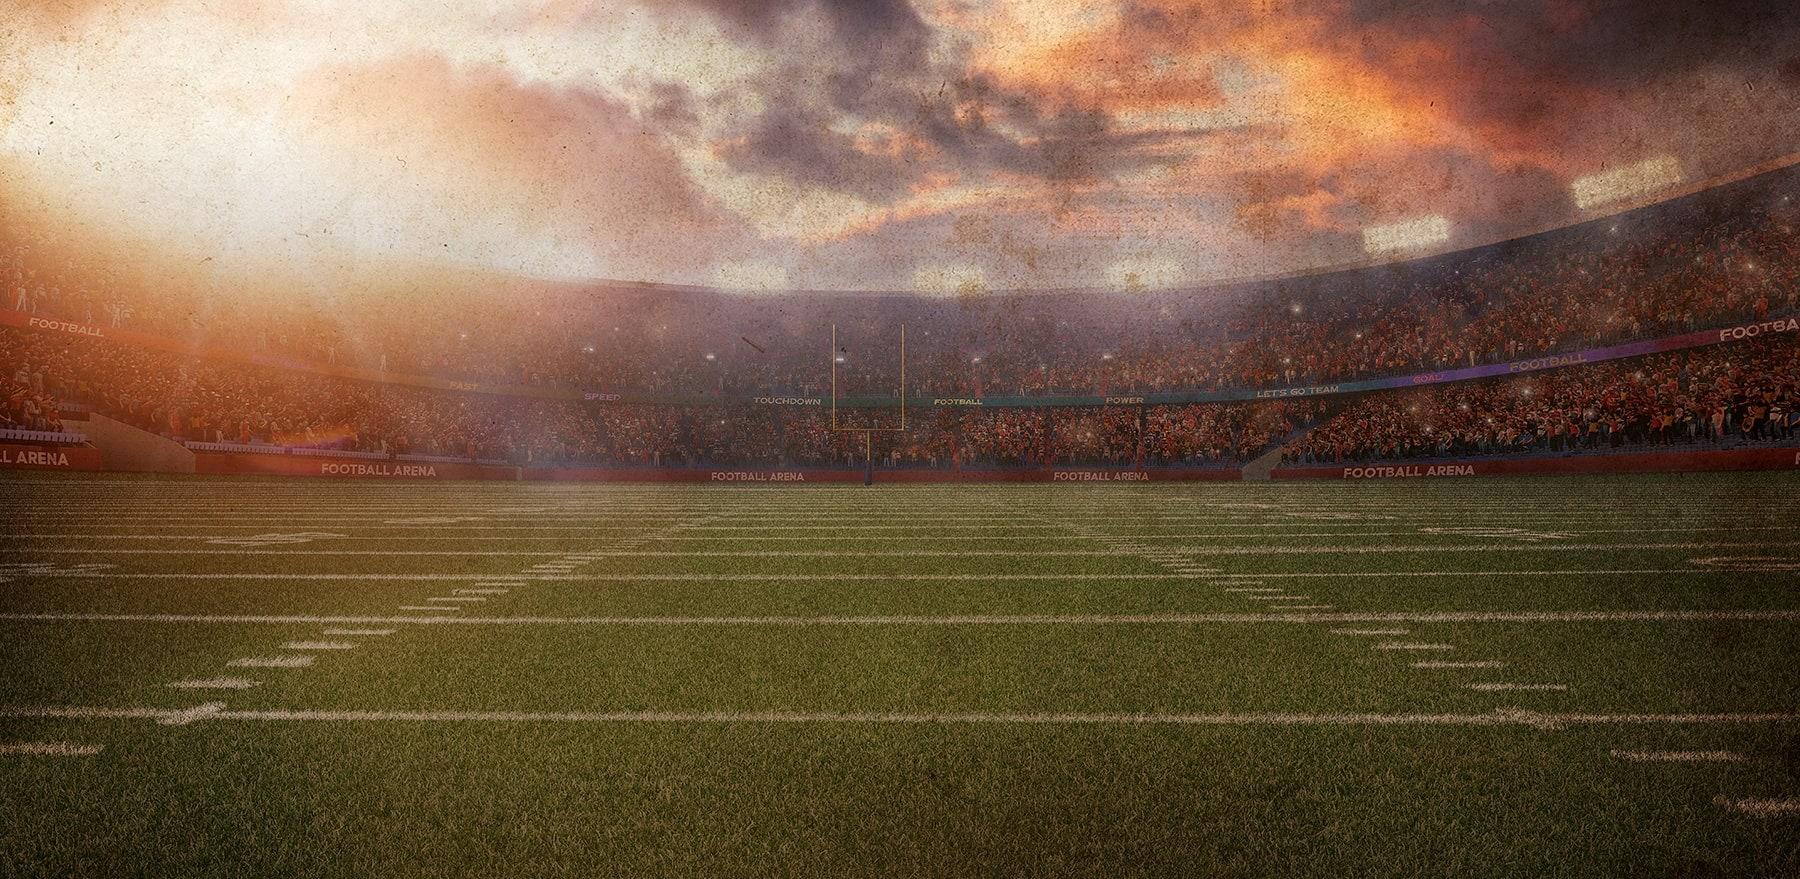 Monday Night Football Stadium Specials